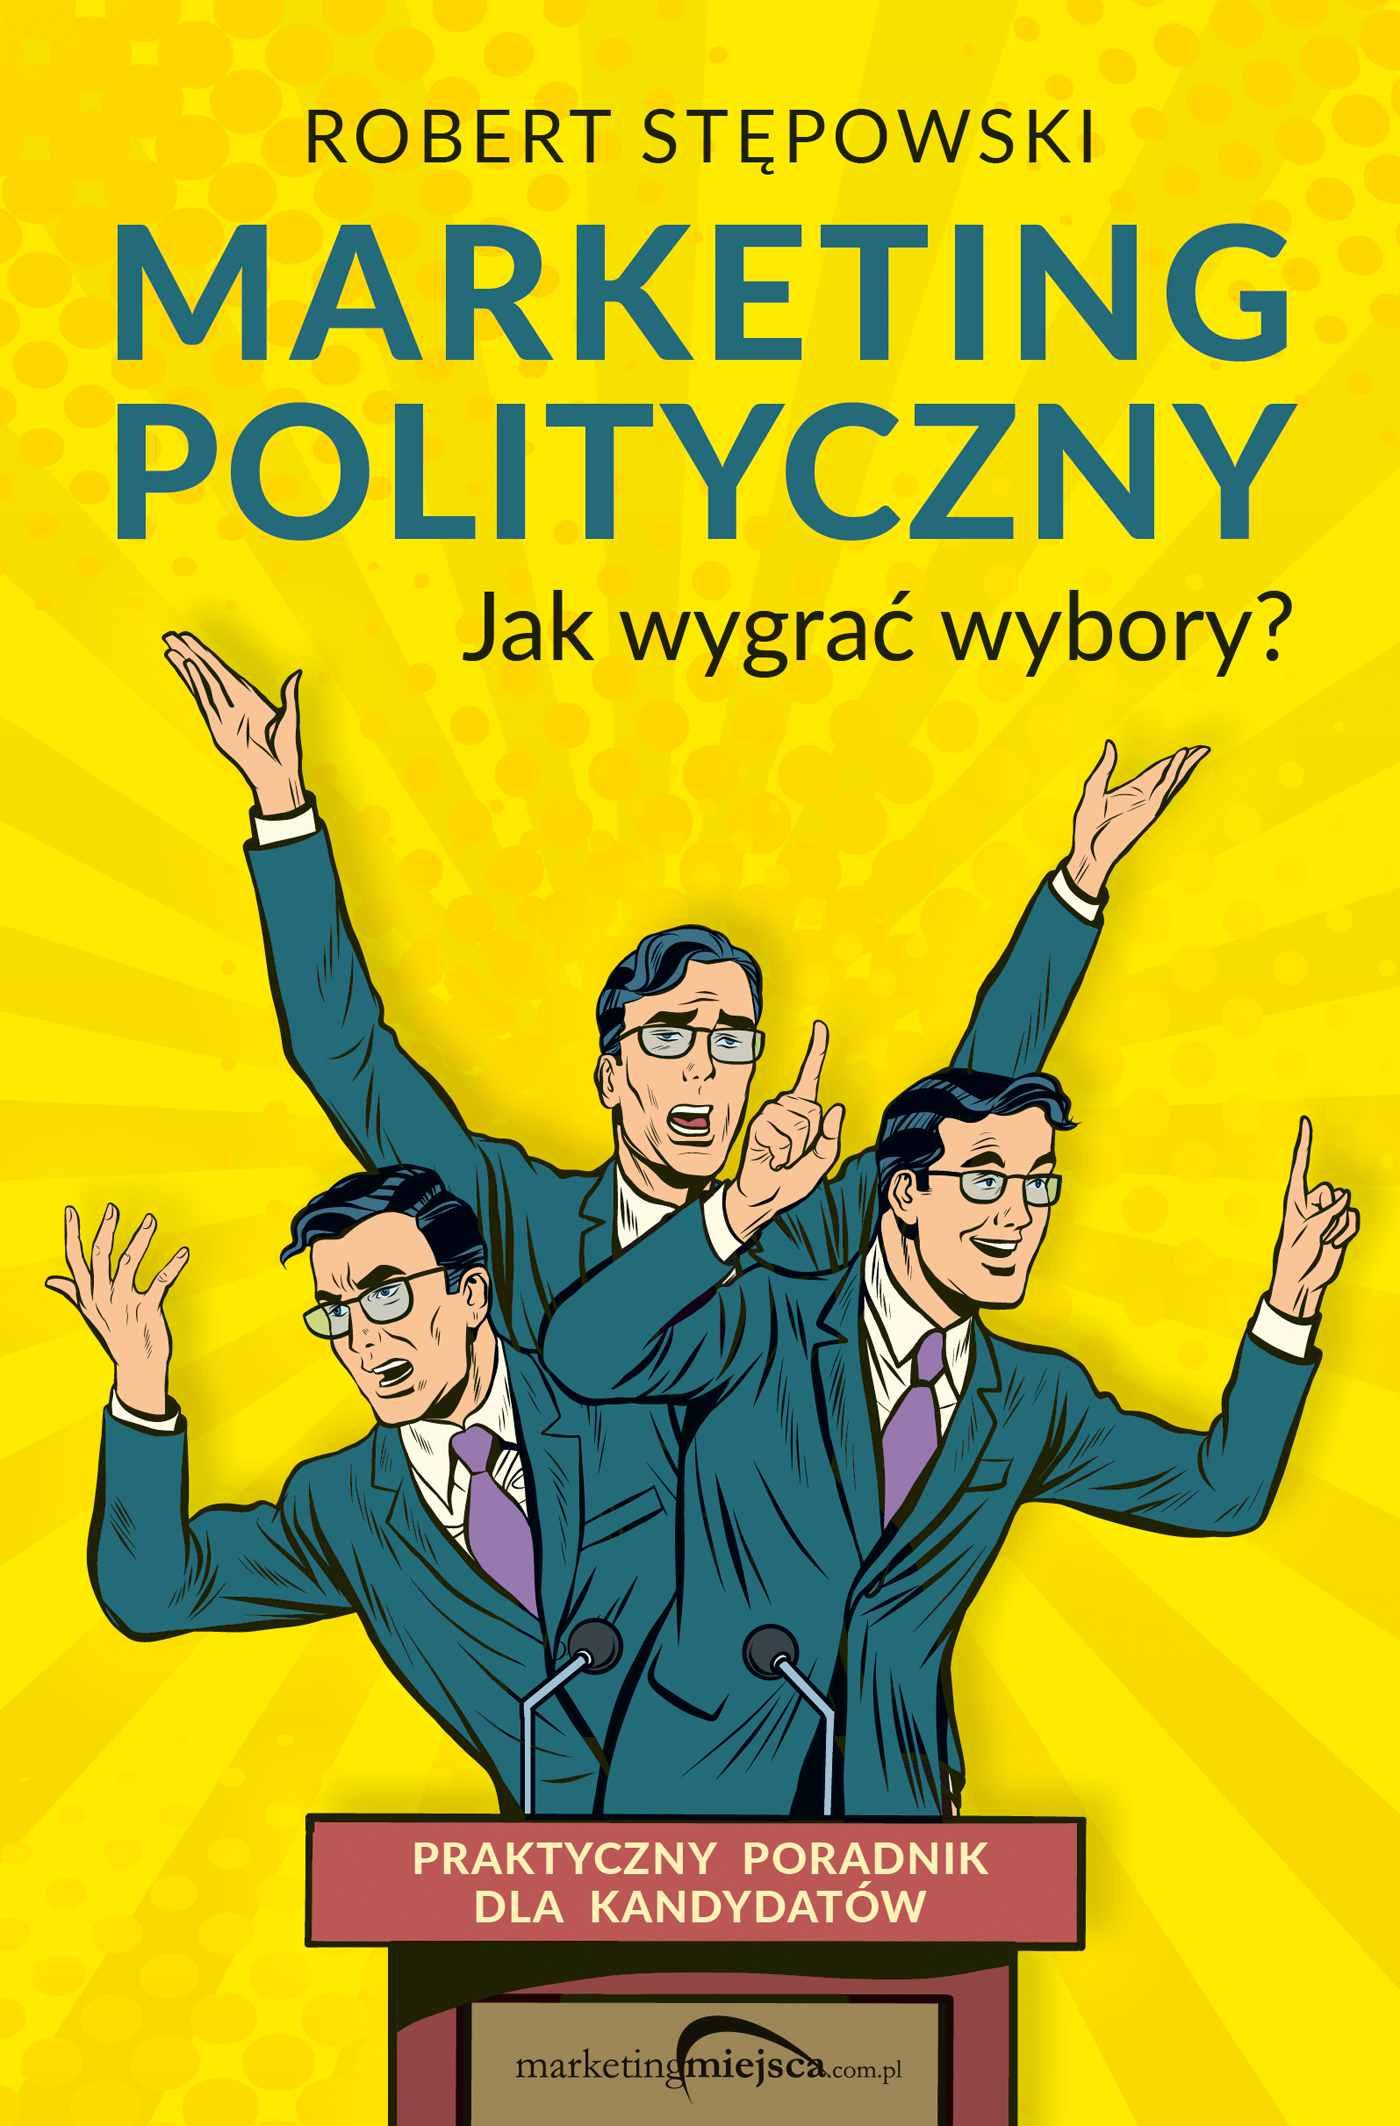 Marketing polityczny. Jak wygrać wybory? - Ebook (Książka na Kindle) do pobrania w formacie MOBI